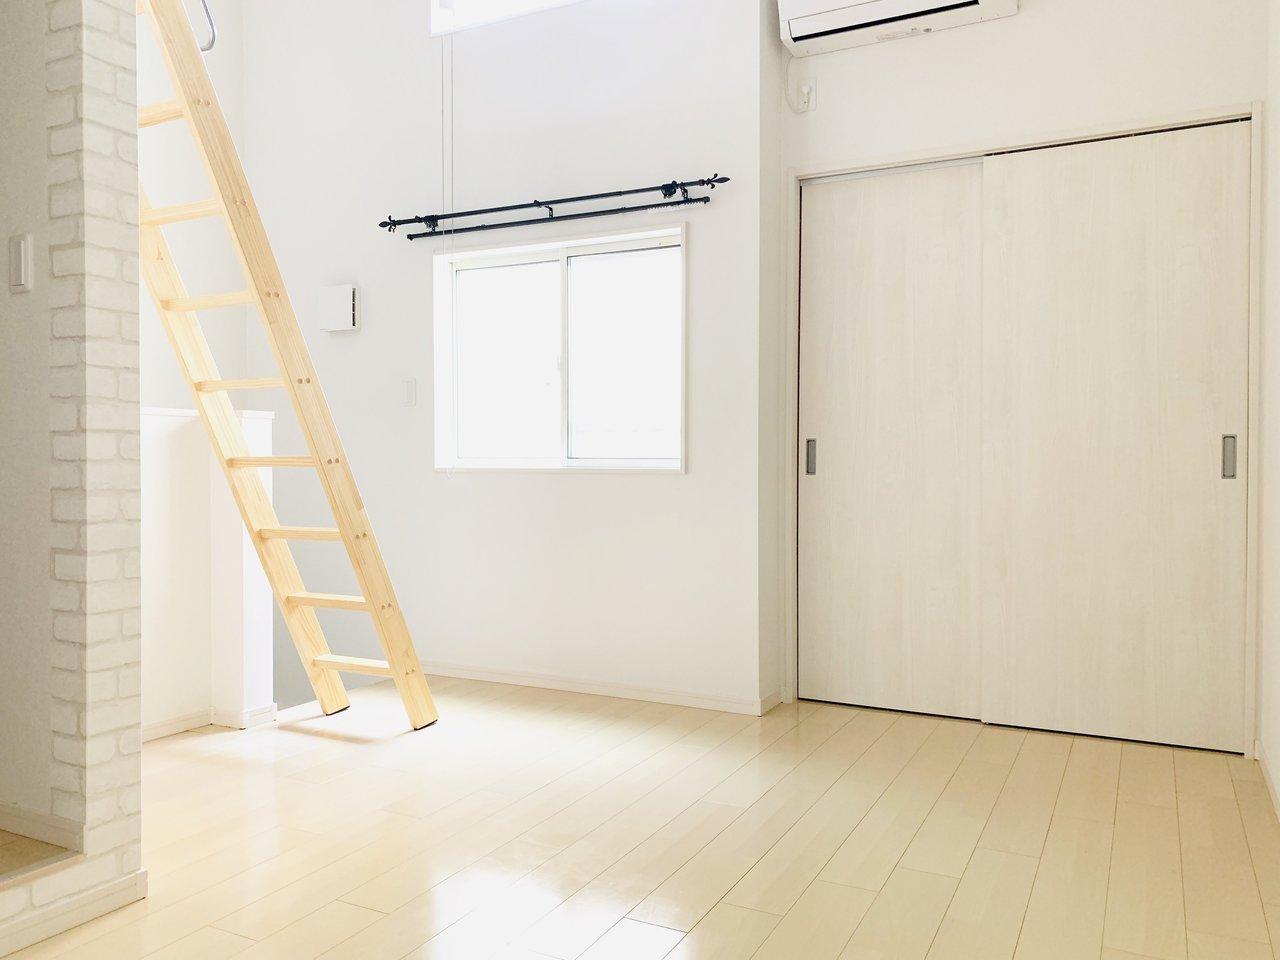 ひとり暮らしであれば、8.9畳あるリビングだけでも十分なのに、ロフト付きのこちらのお部屋。ロフトへのはしごも木製で、温かみがあるところがいい感じ。